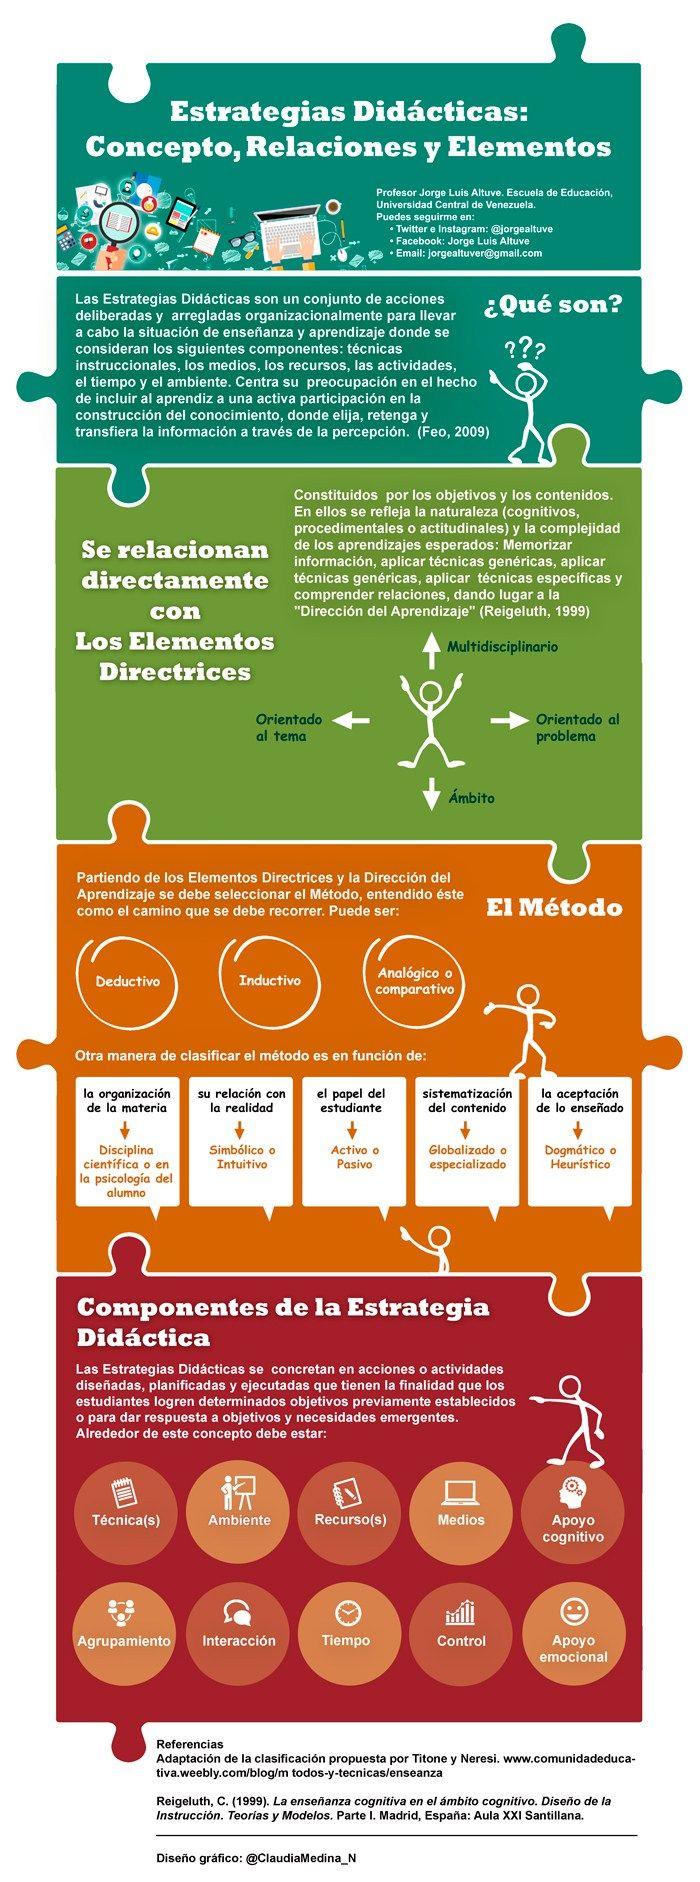 Estrategias Didácticas: Concepto - Relaciones - Elementos #infografia